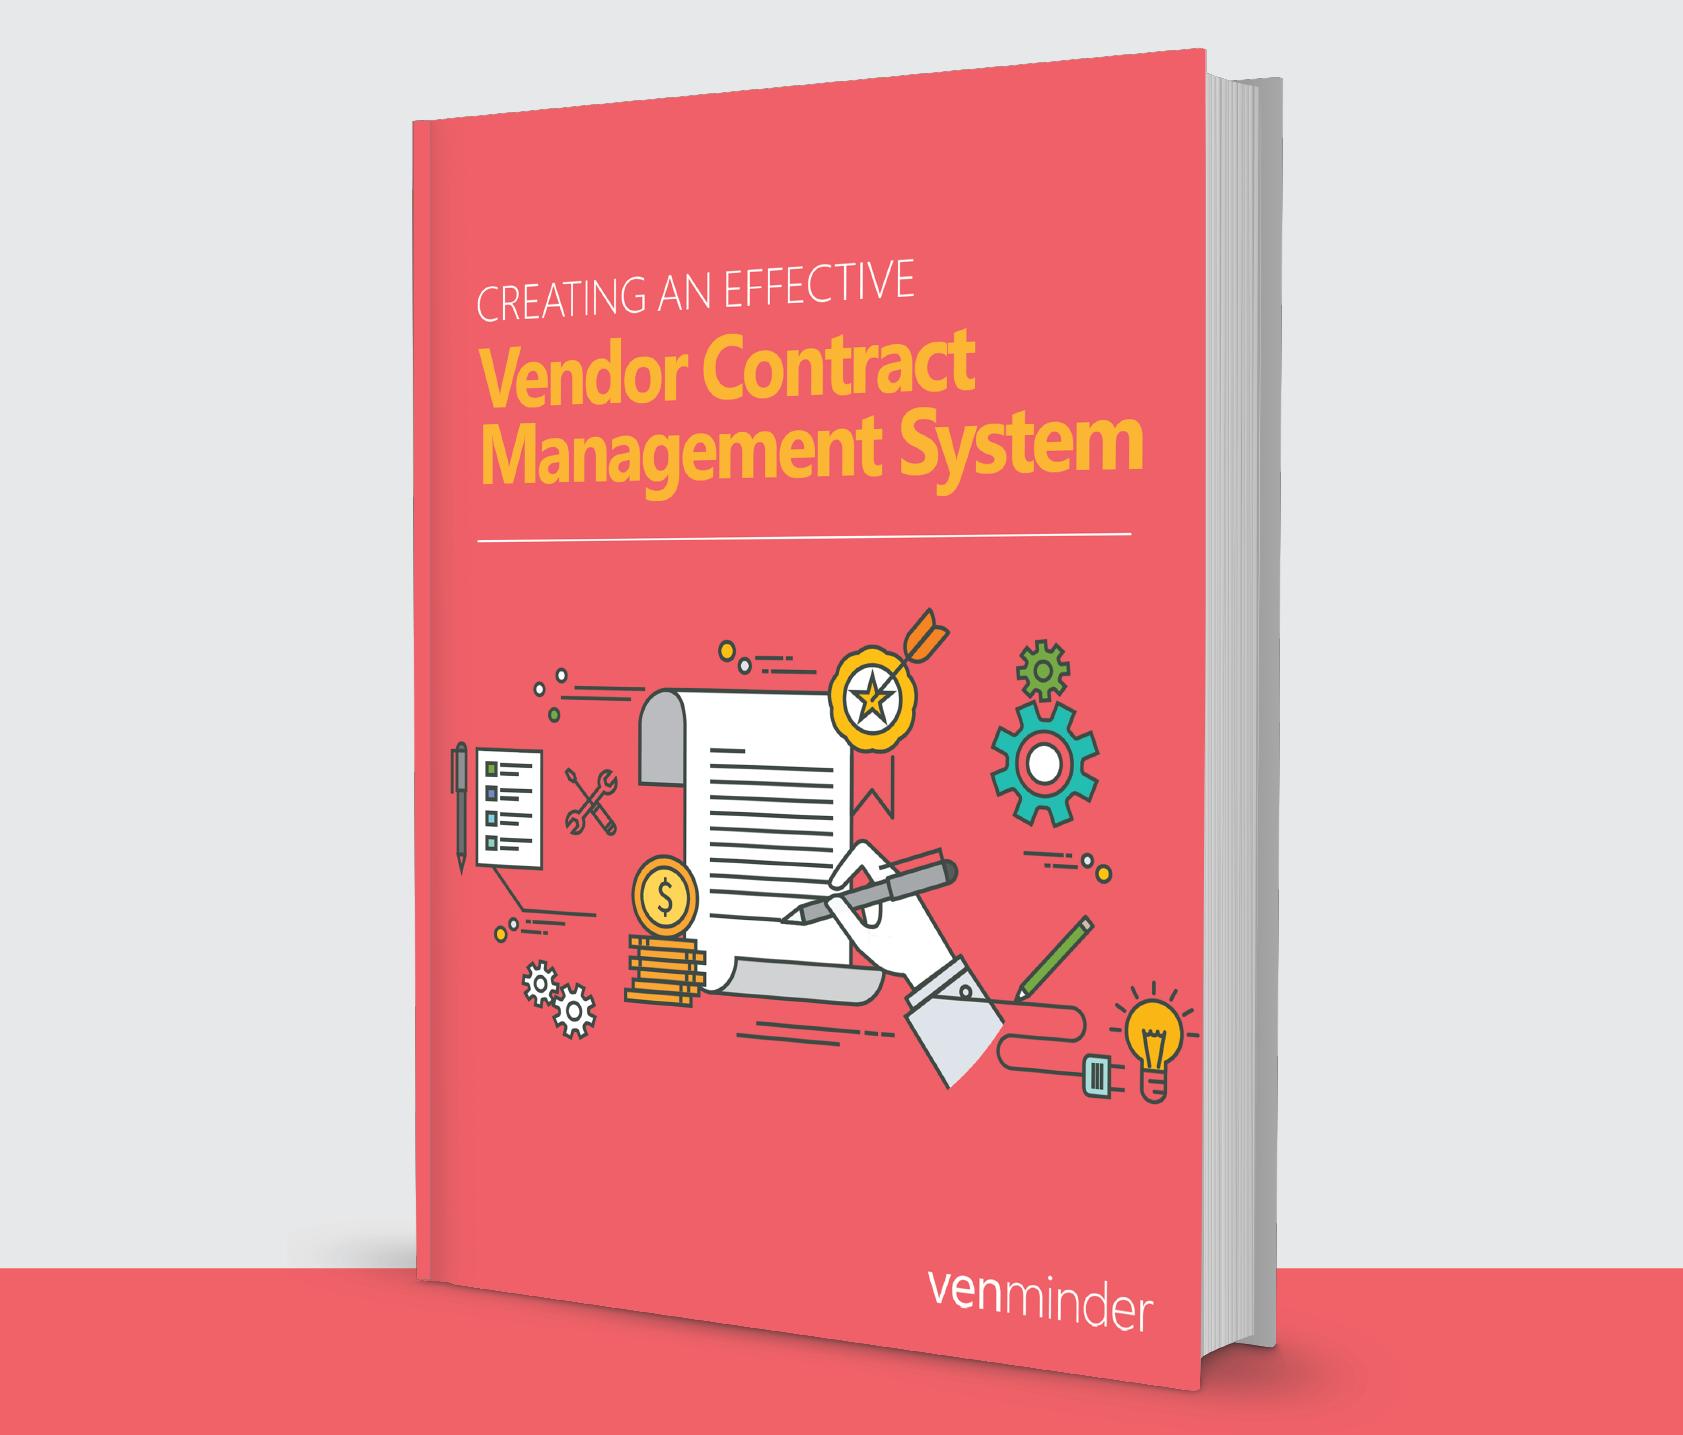 effective vendor management system